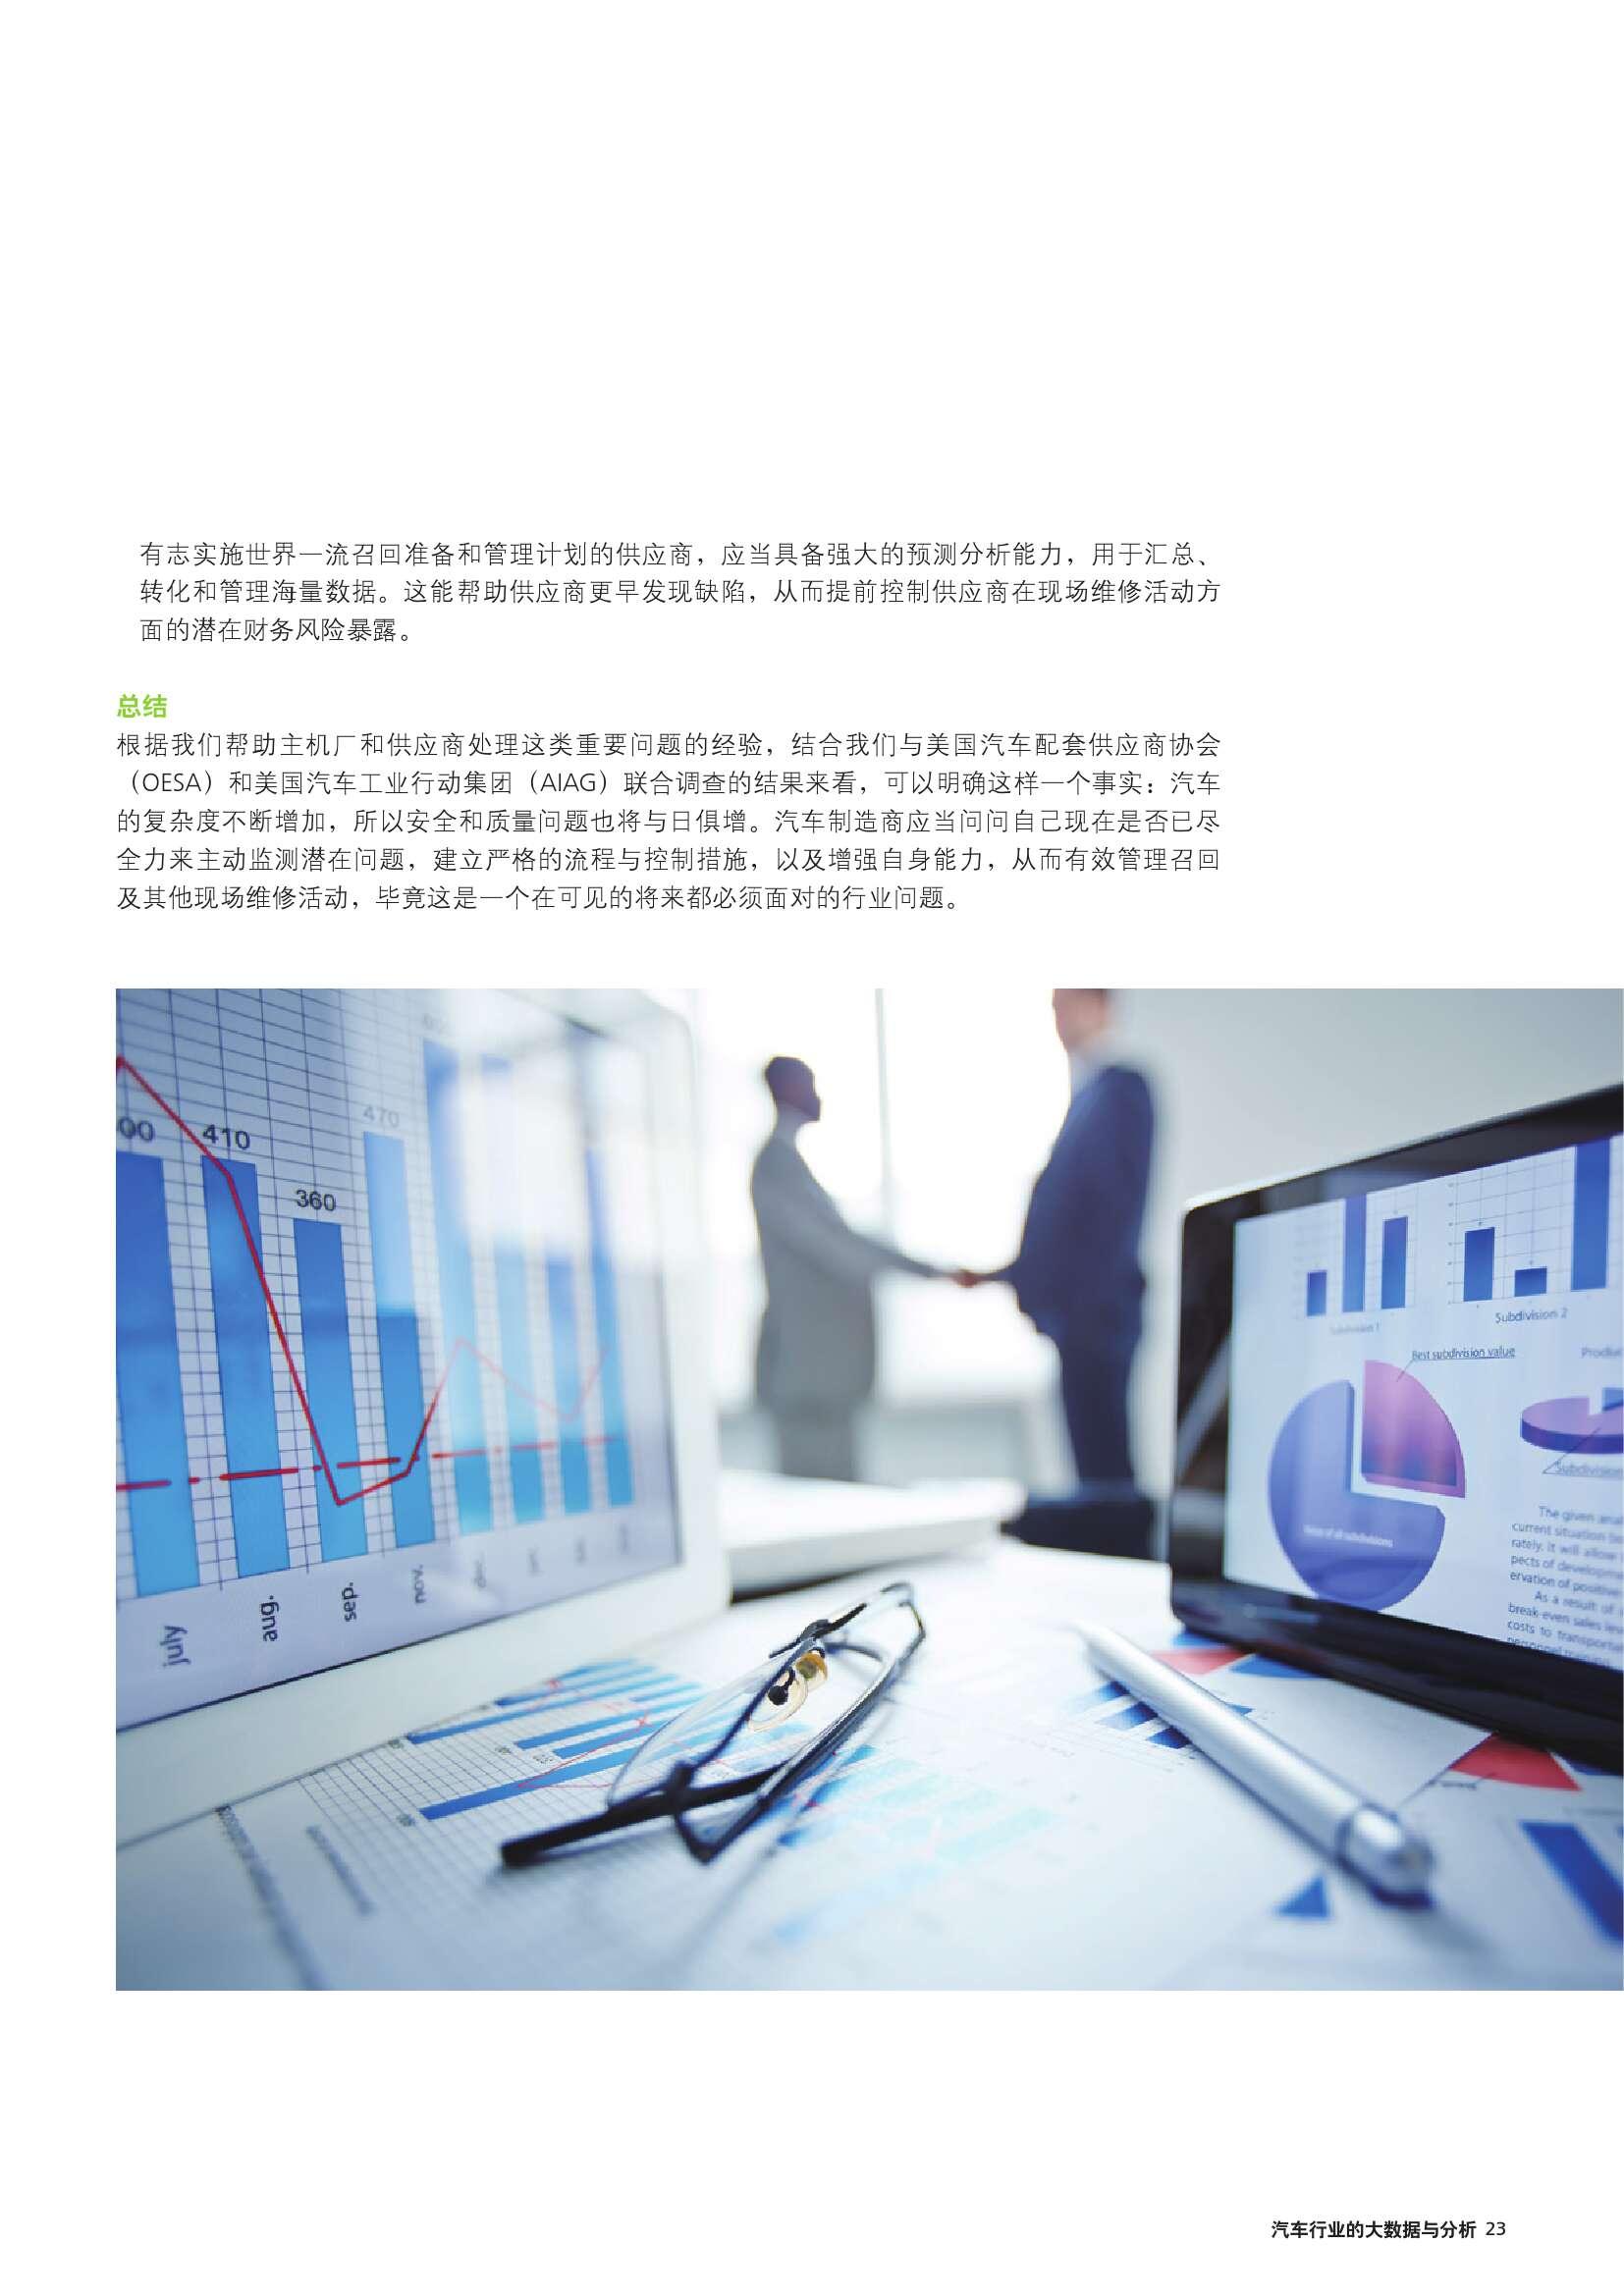 汽车行业的大数据与分析_000025